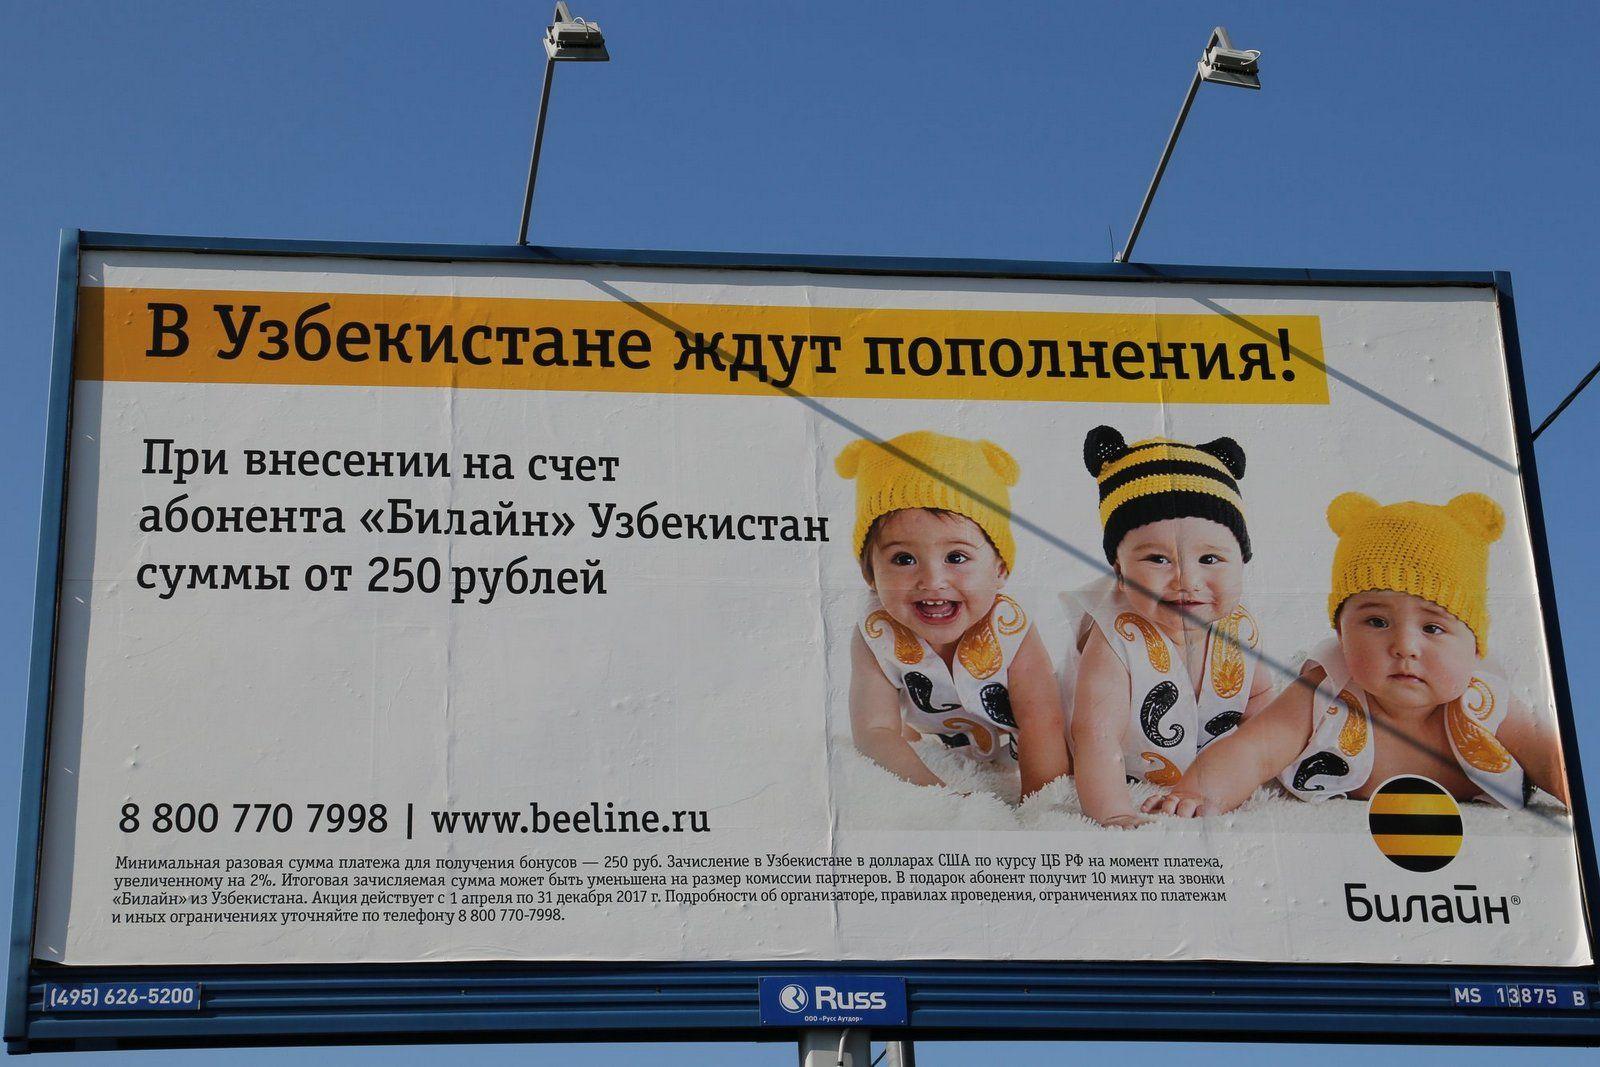 Дети и реклама: на чьей стороне закон?